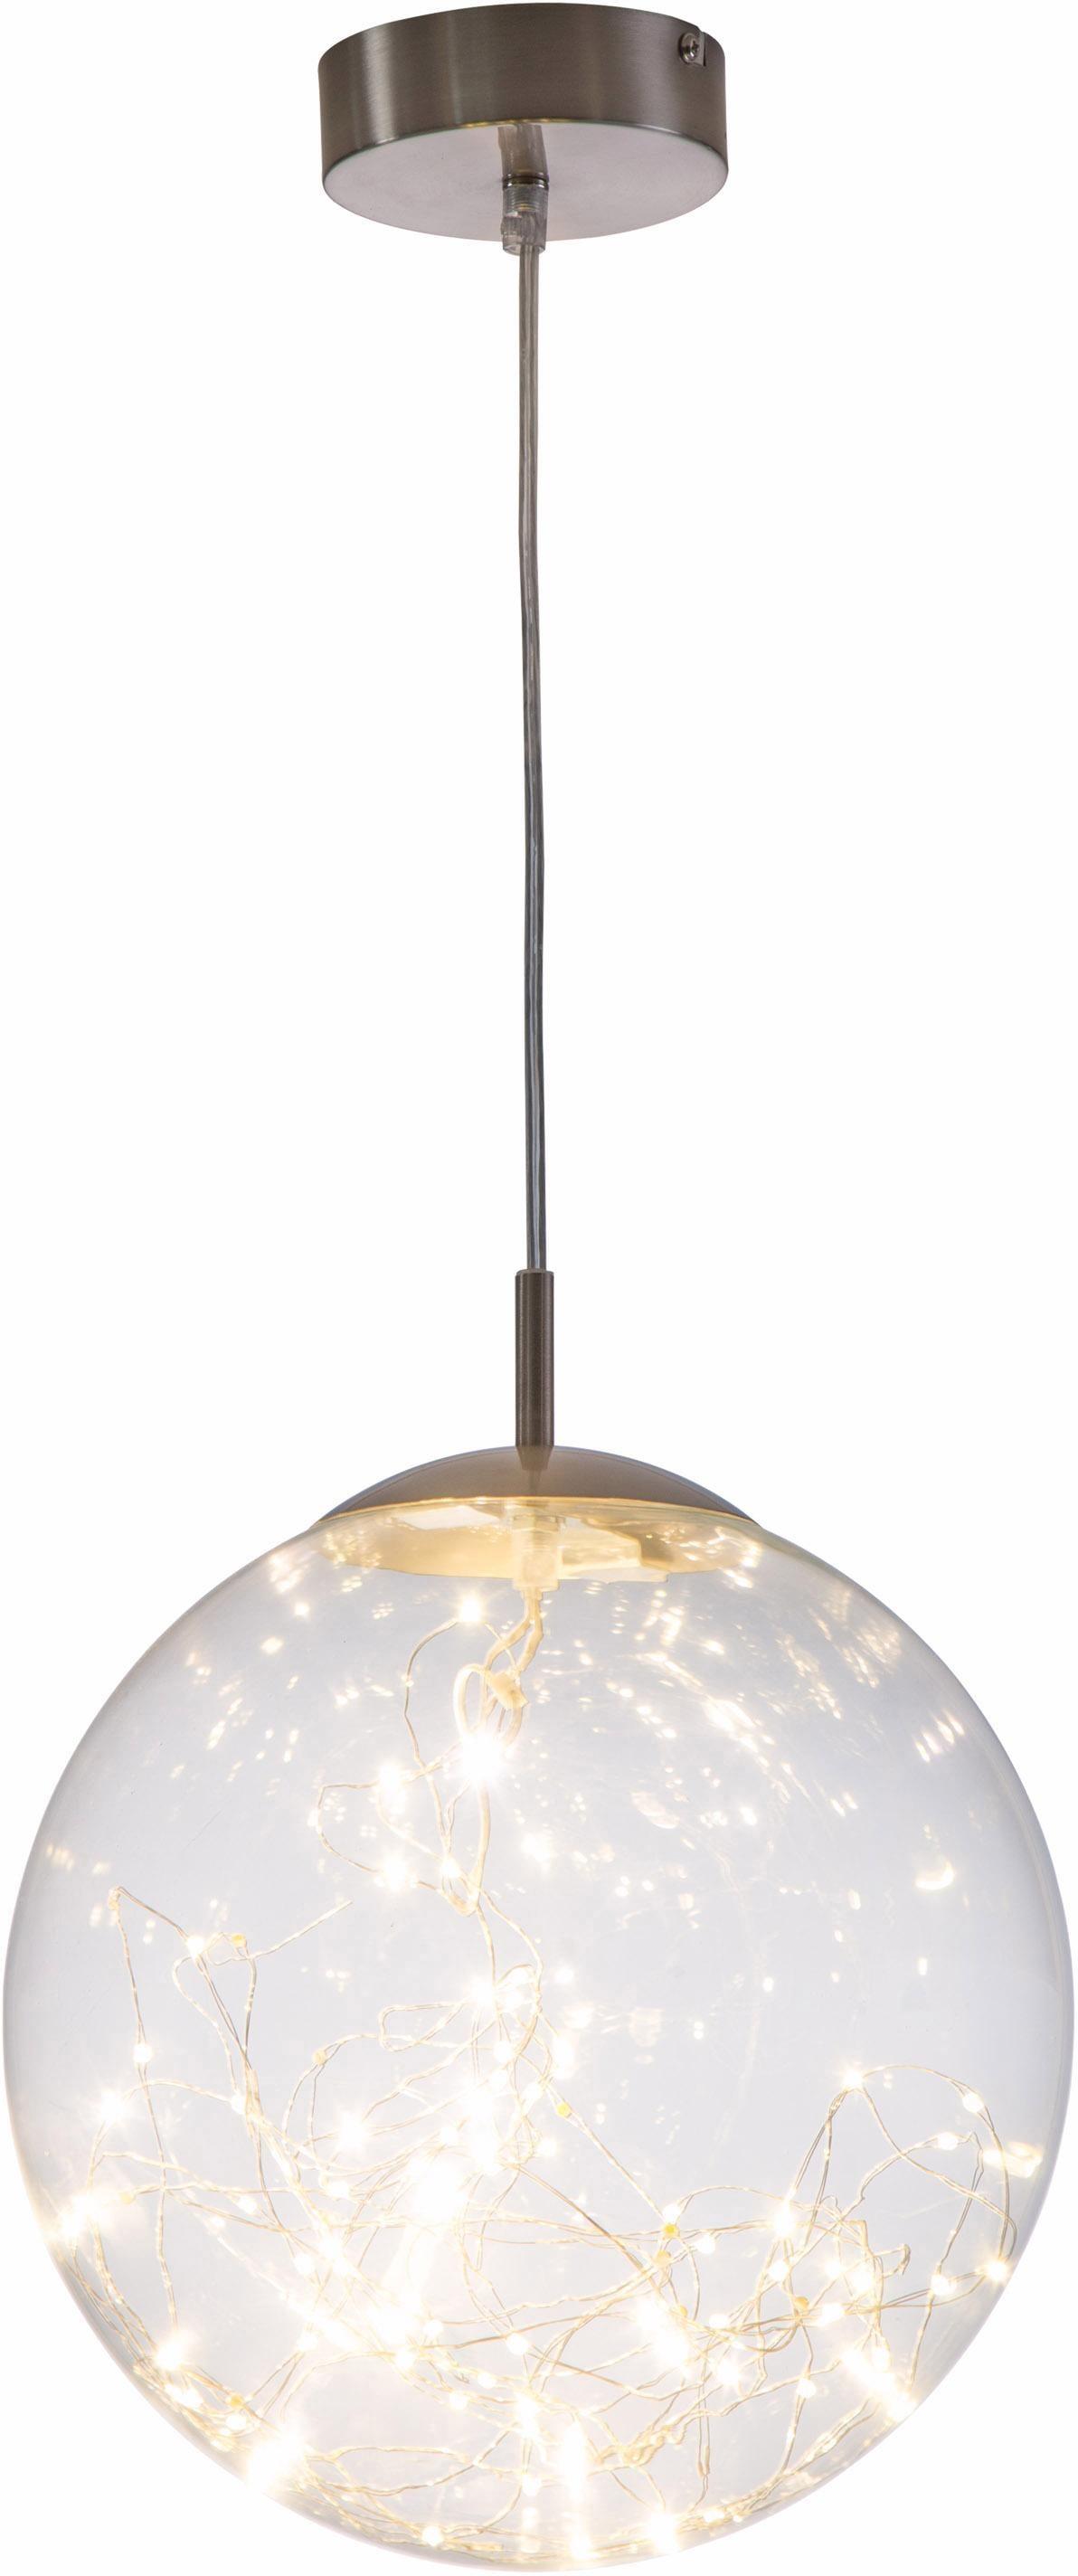 Nino Leuchten LED Pendelleuchte LIGHTS